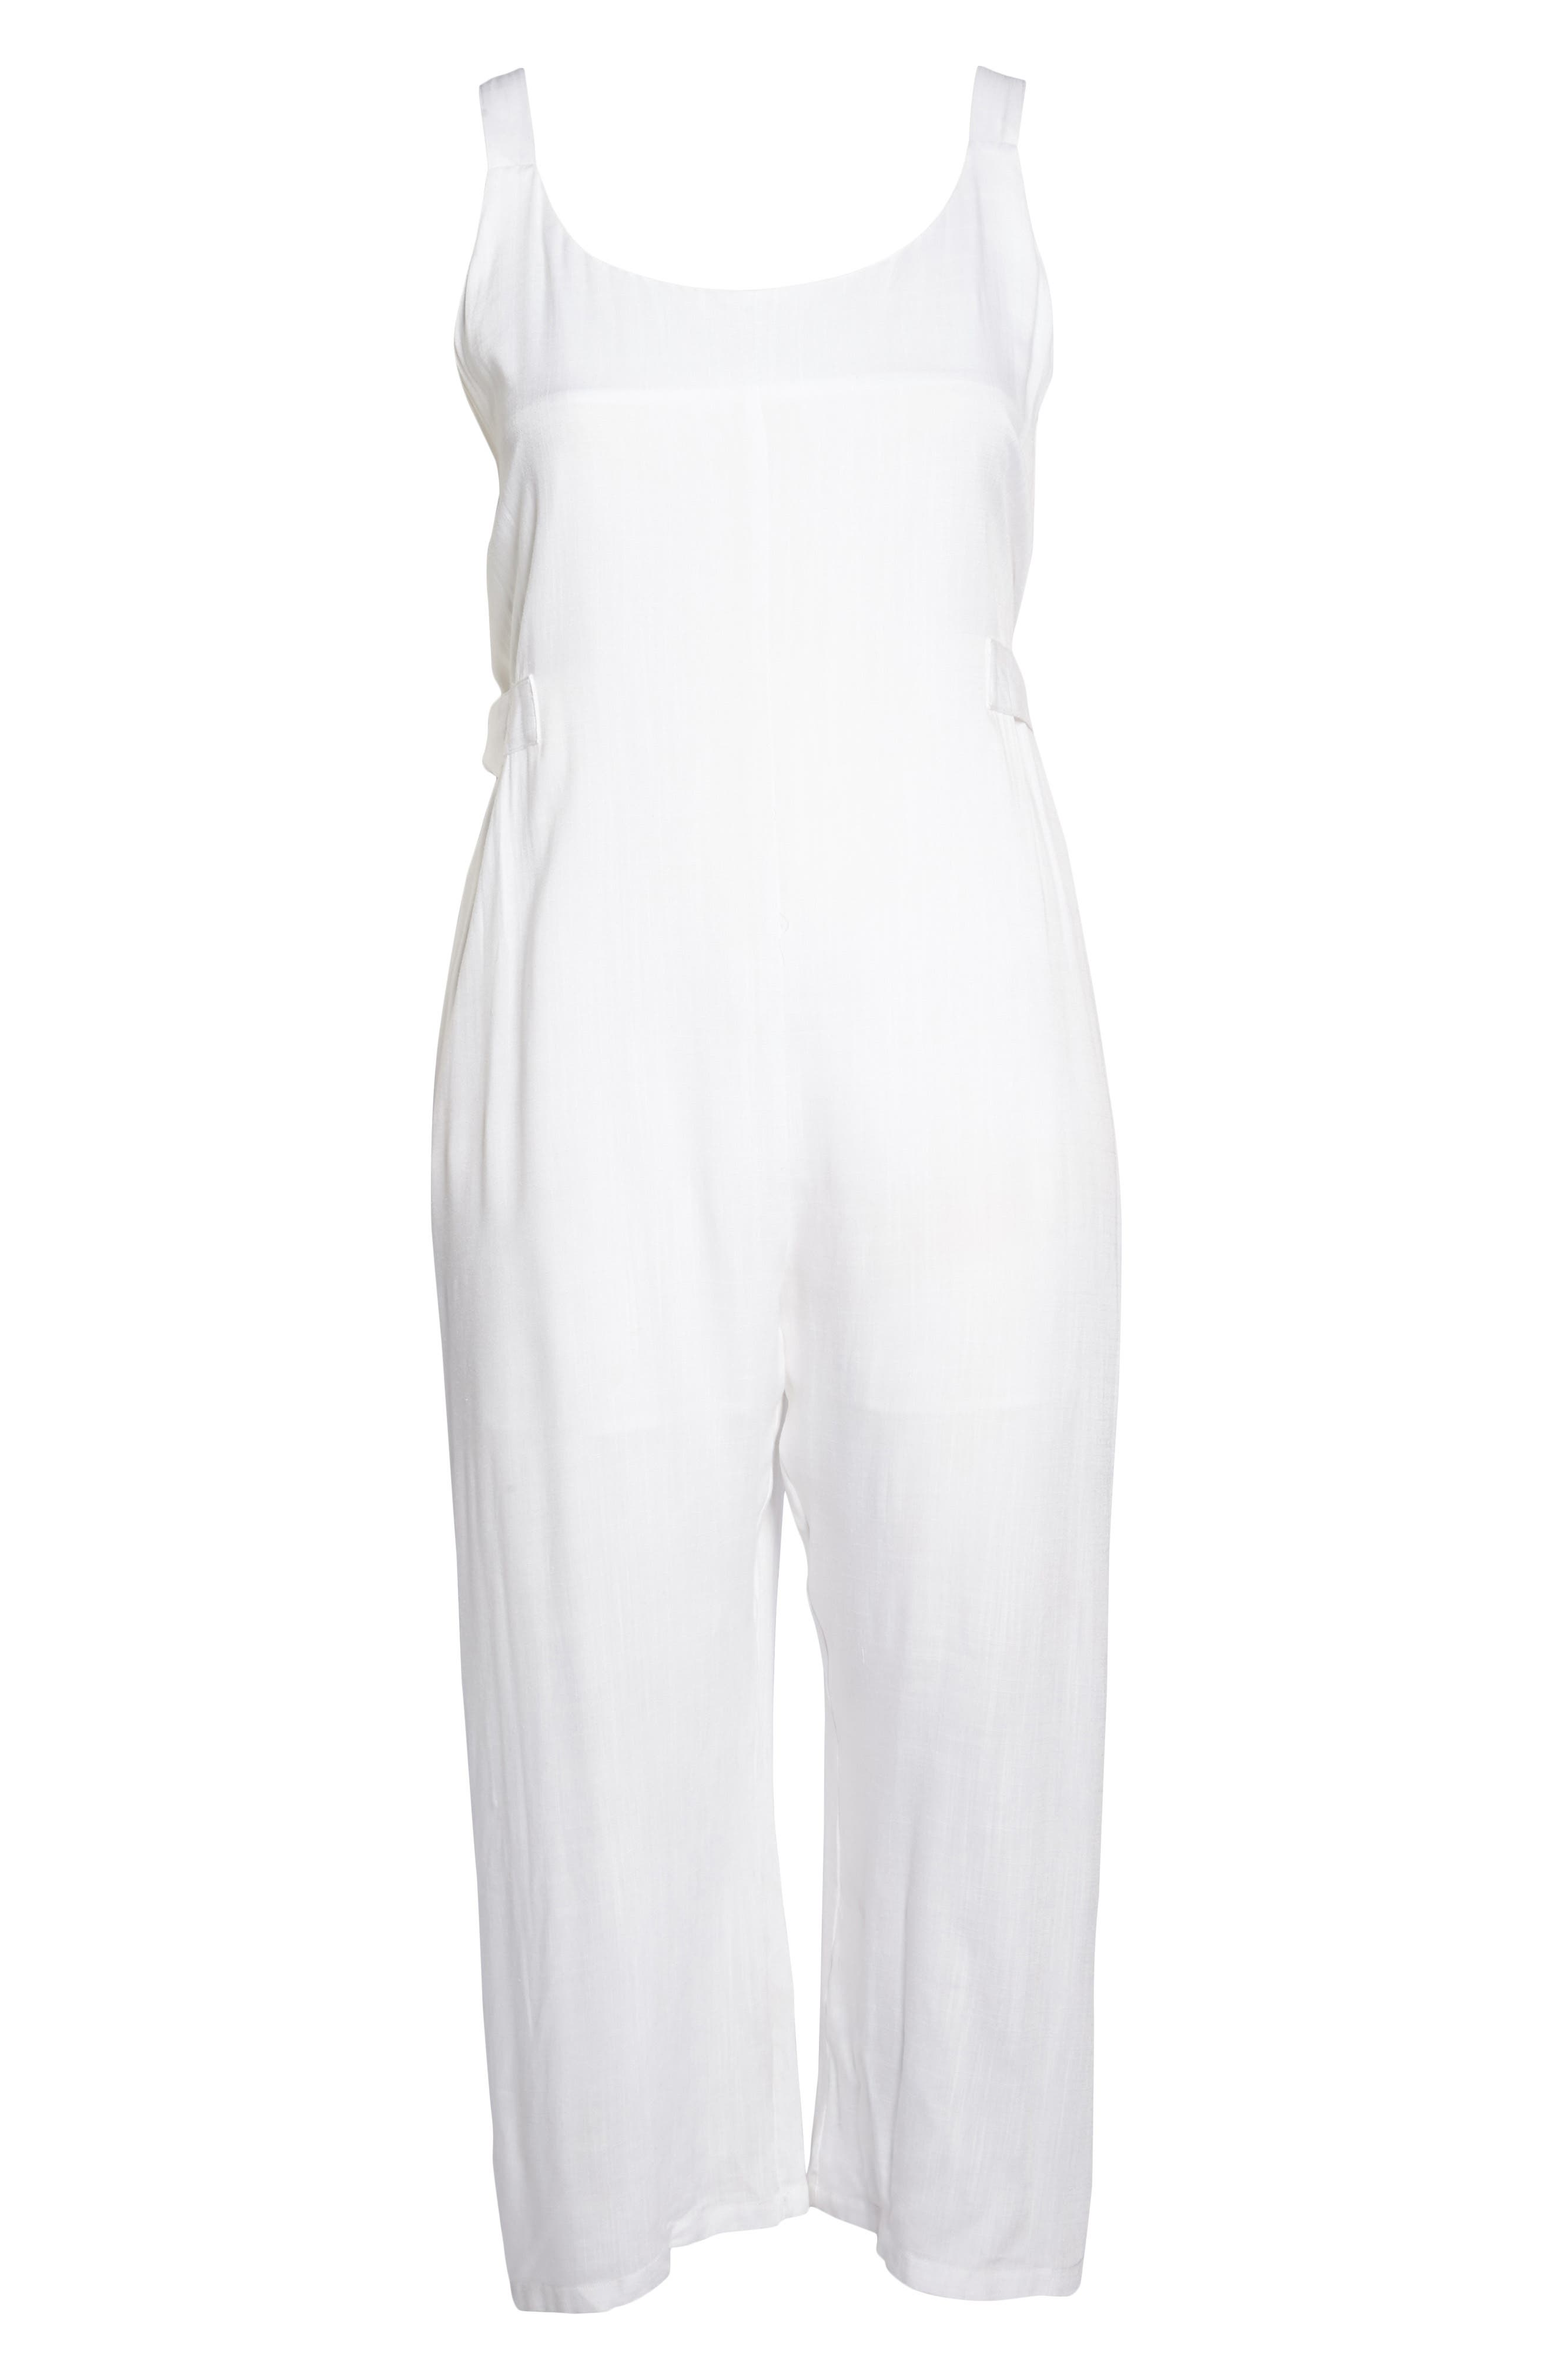 Culotte Jumpsuit,                             Alternate thumbnail 8, color,                             White